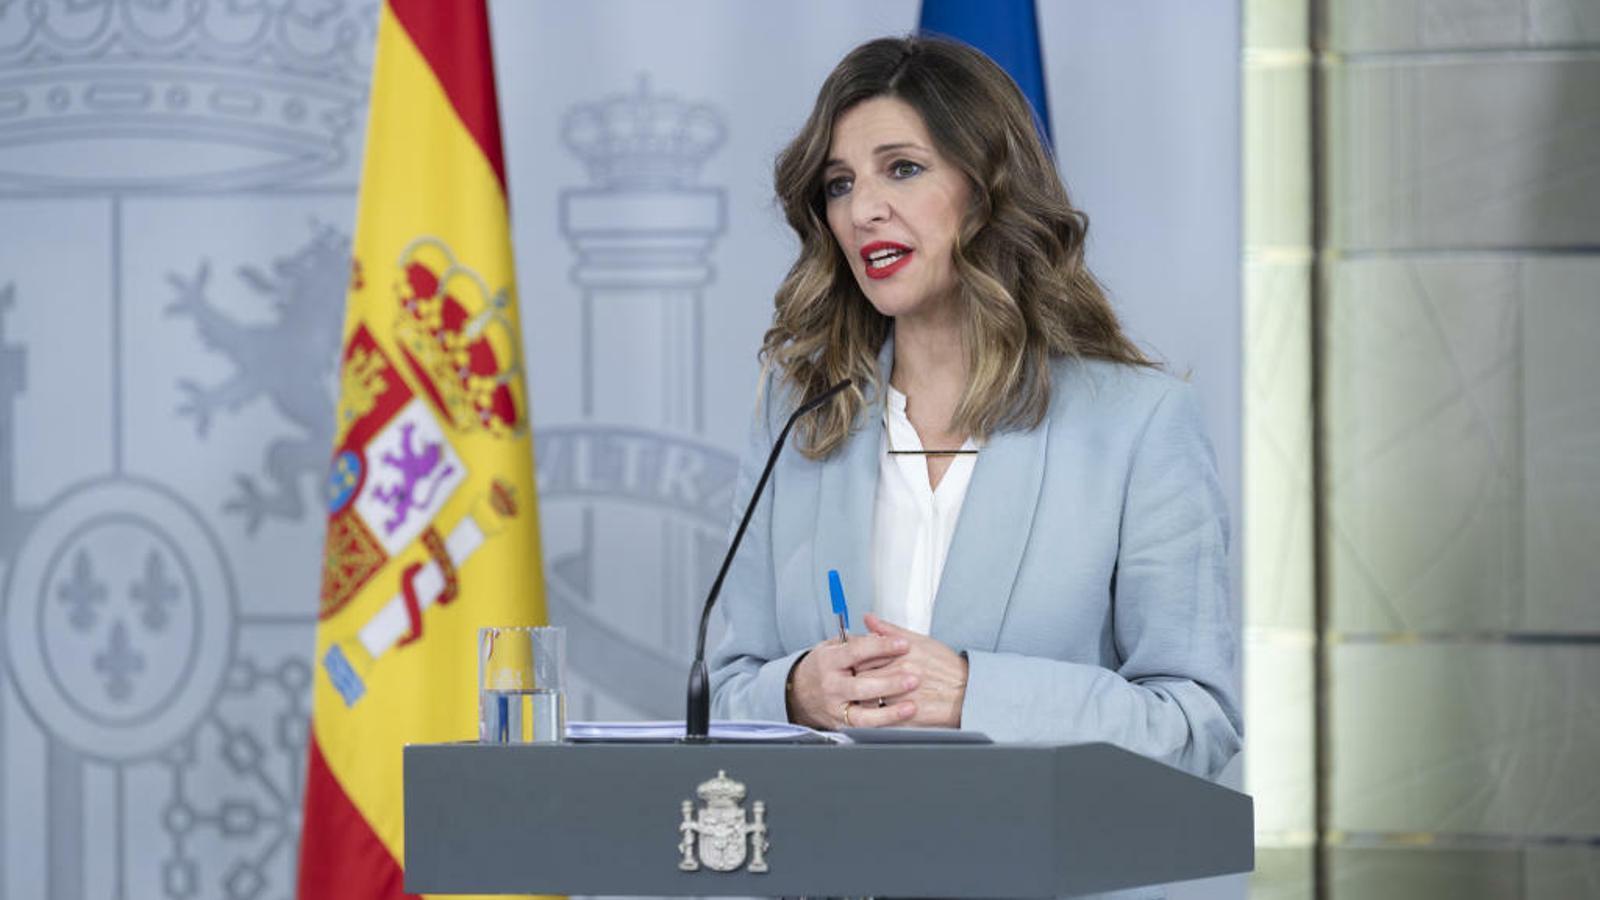 Acord per allargar els ERTO fins al juny